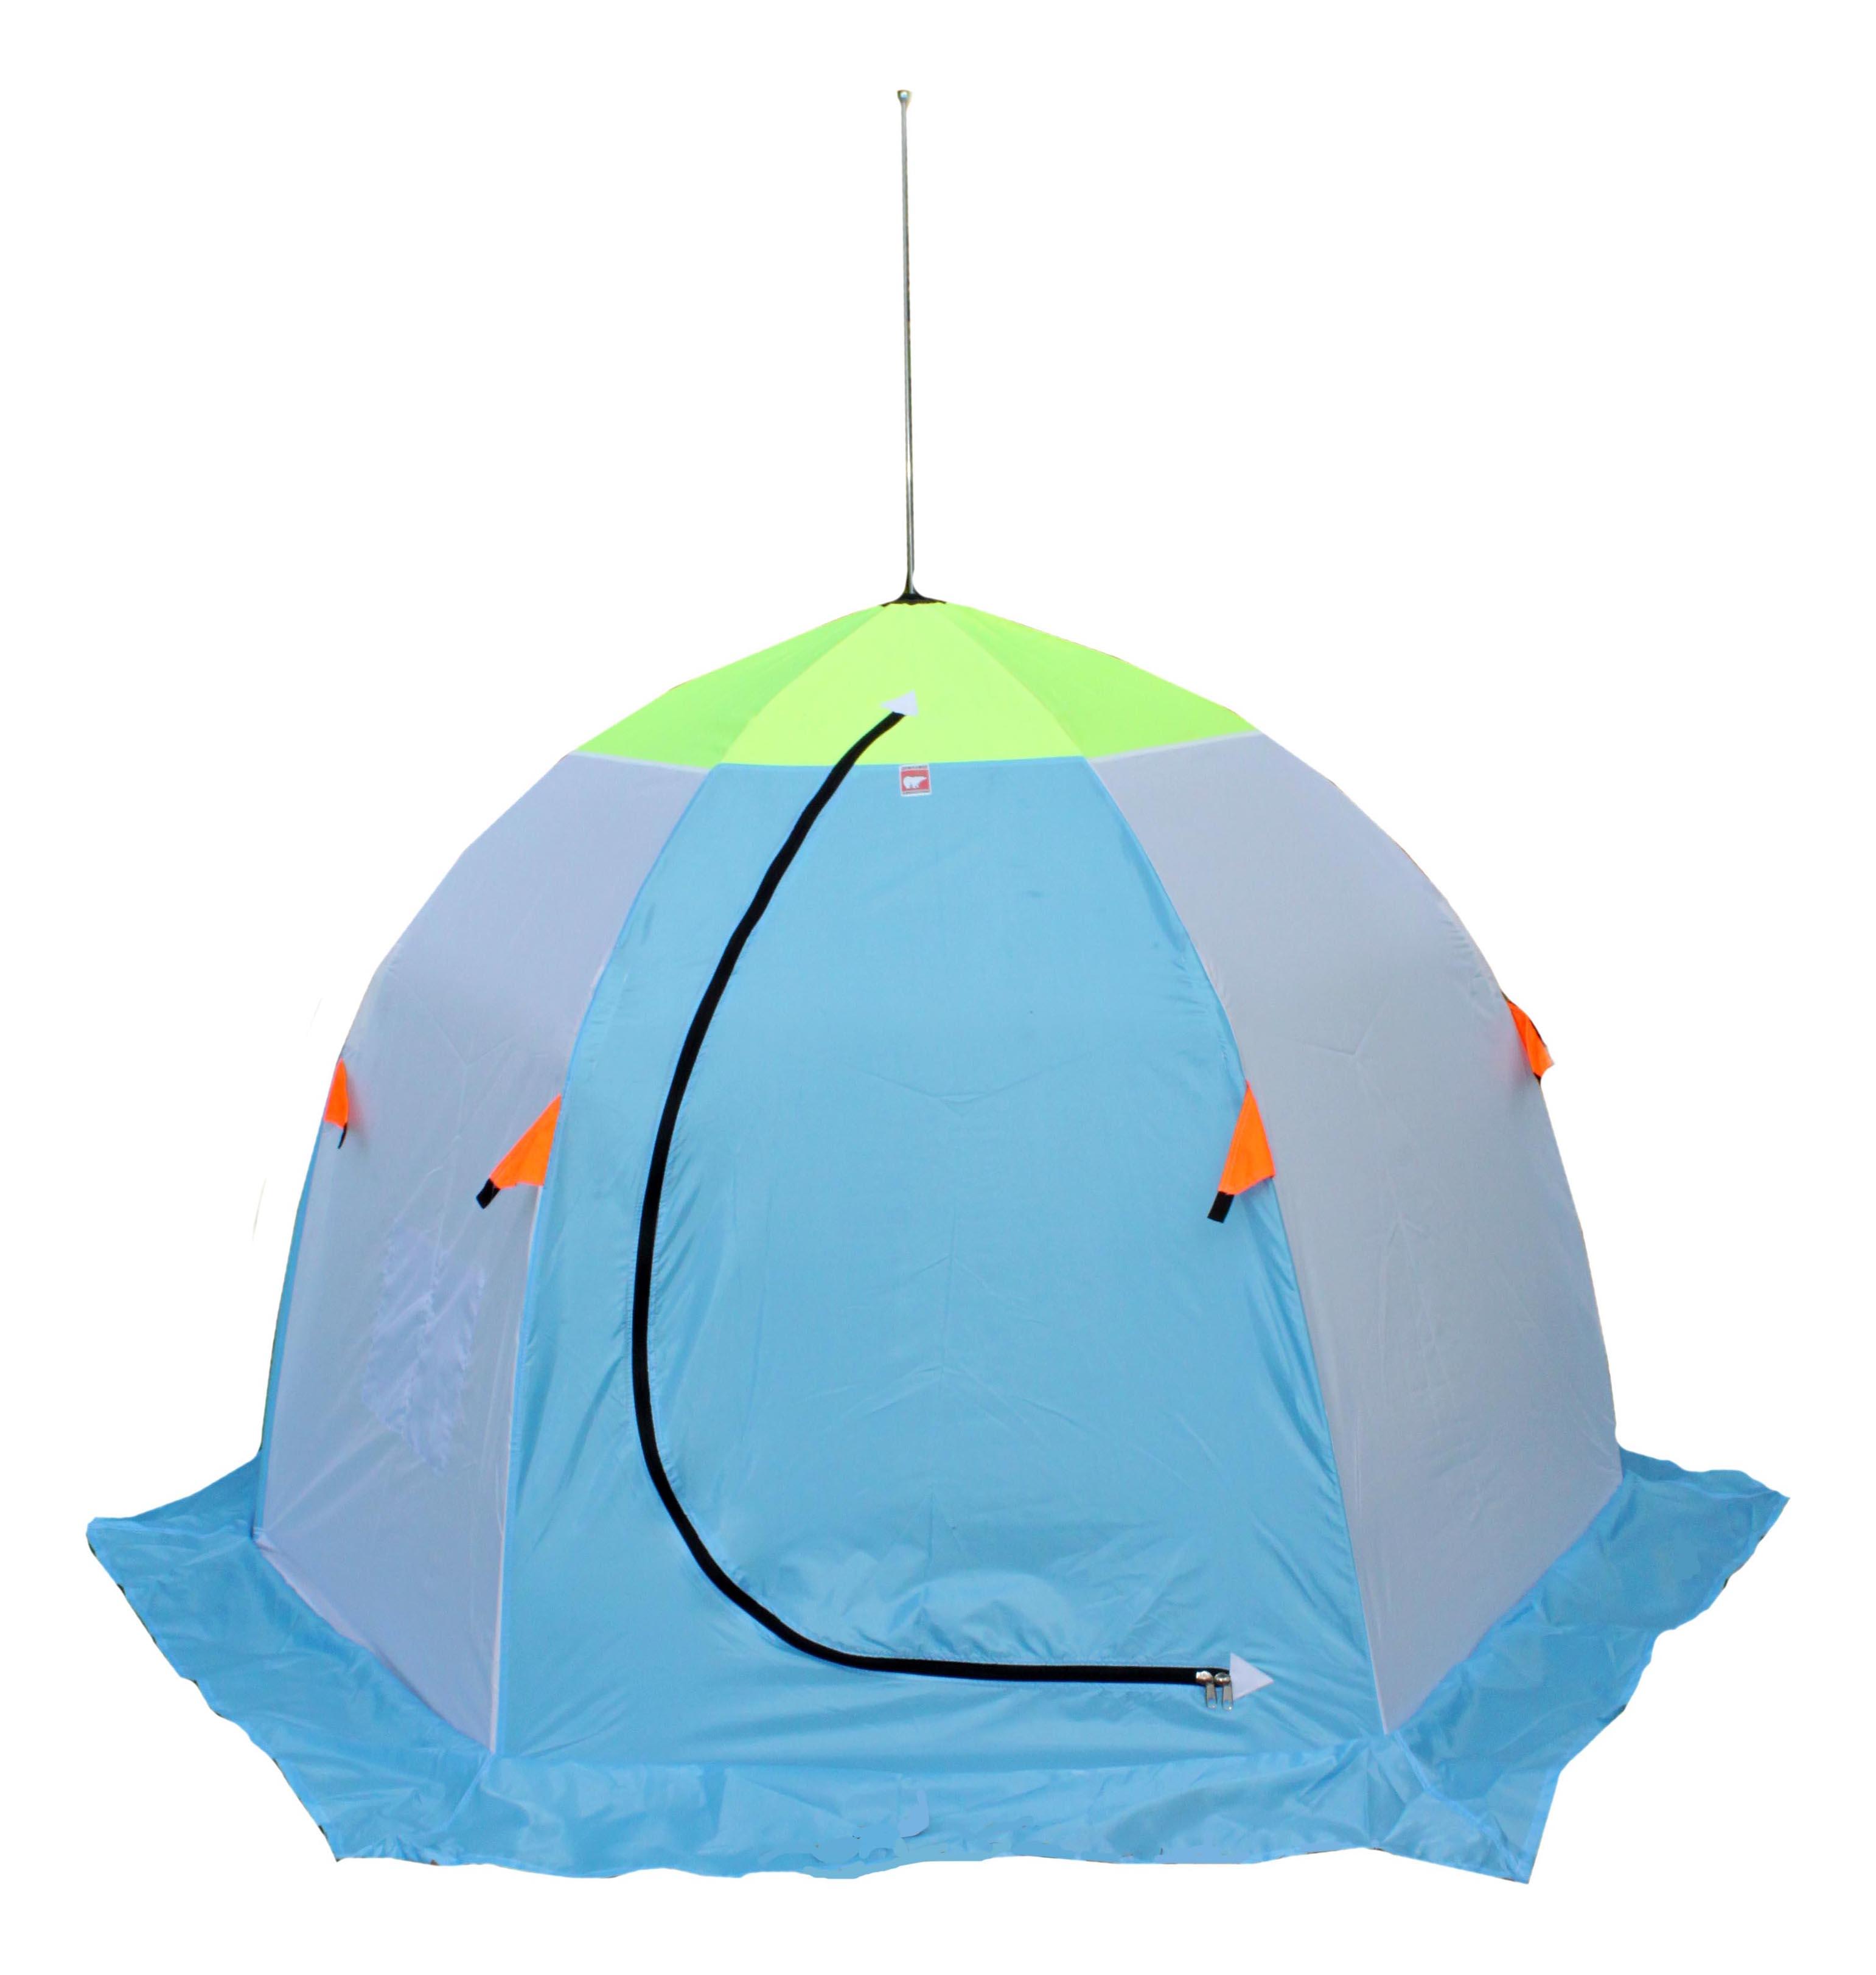 Палатка Медведь 2 двухместная белая/зеленая/голубая